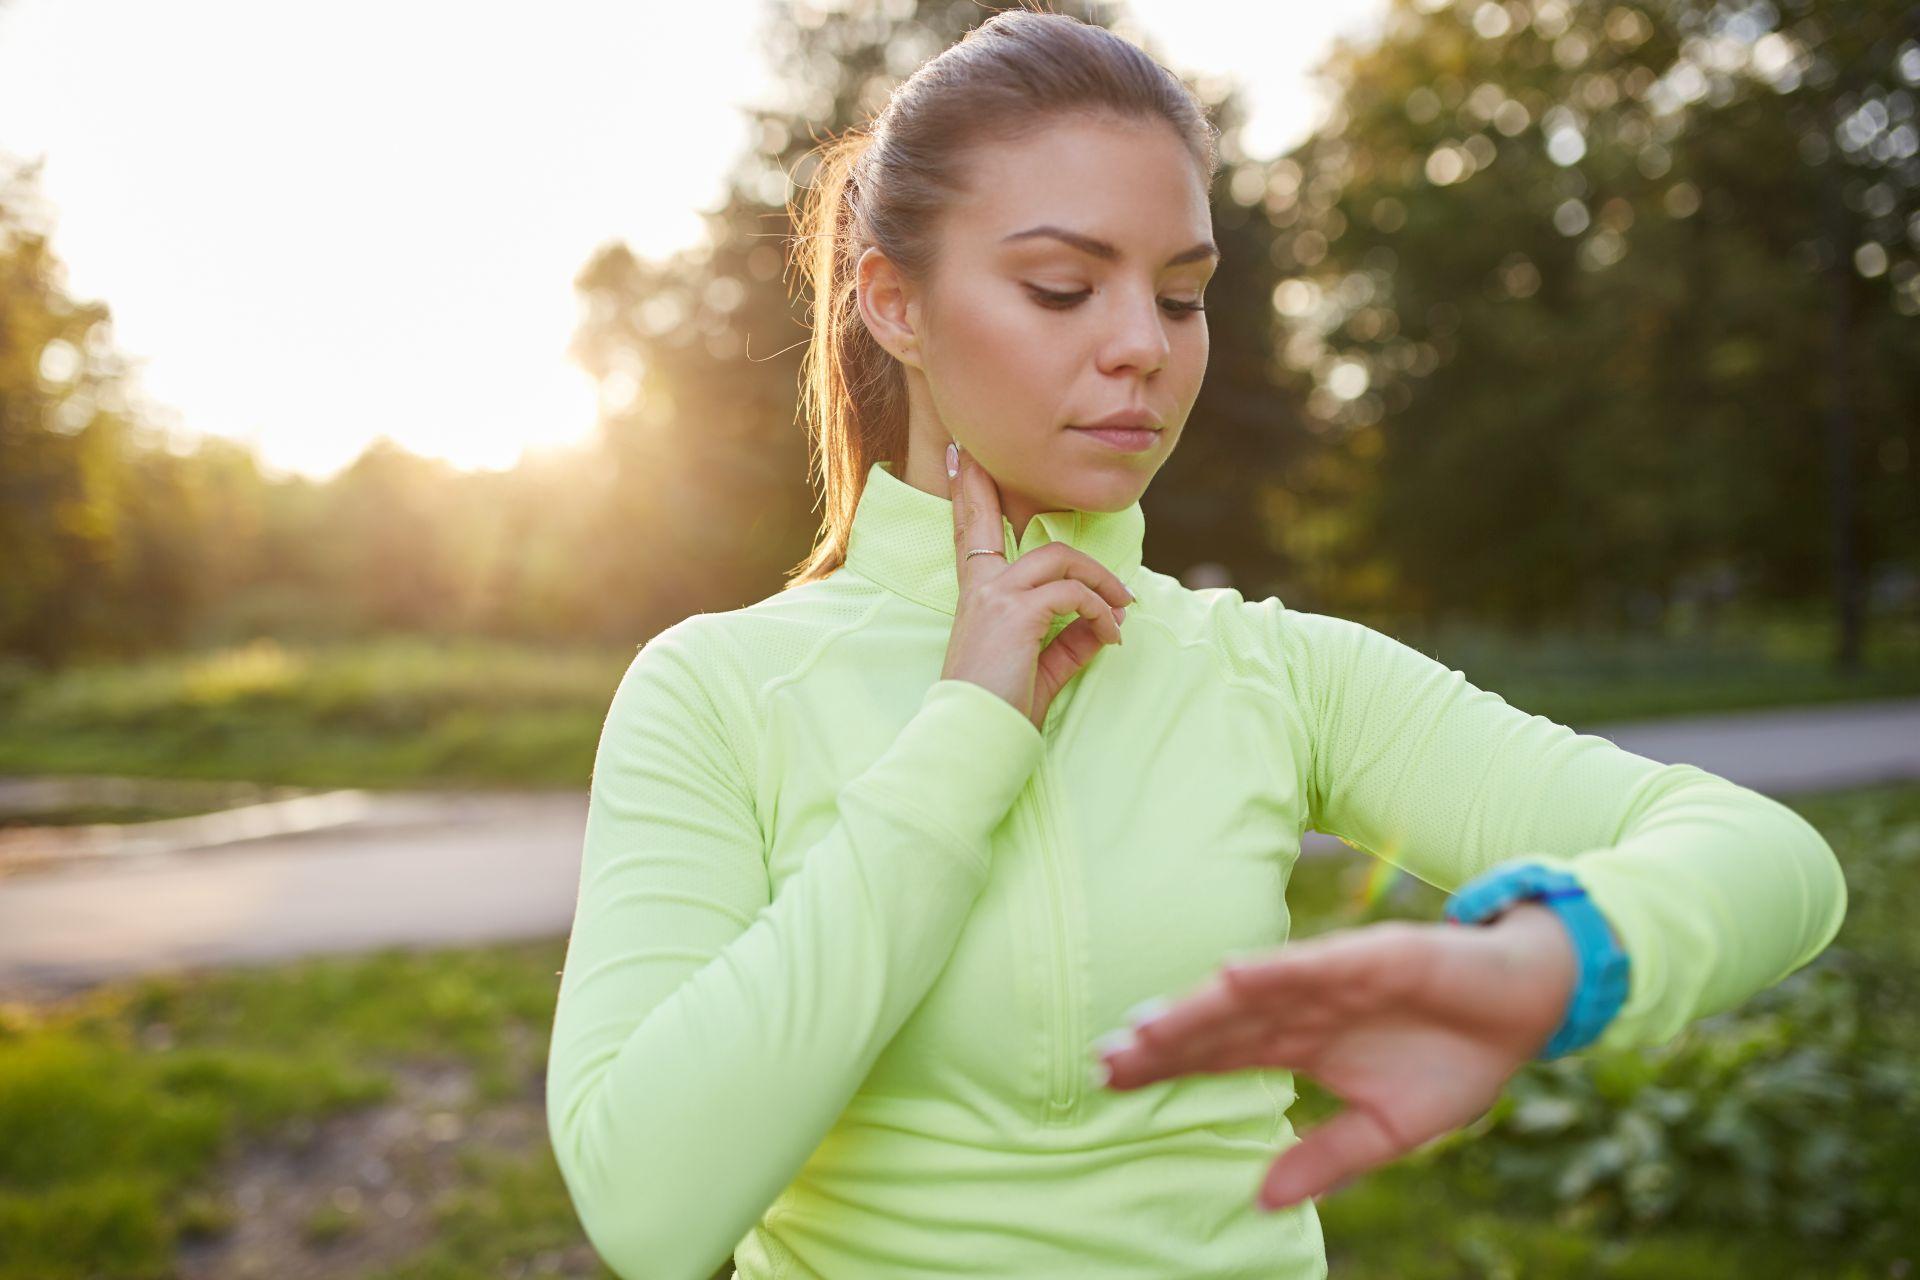 Tętno spoczynkowe a pomiar pulsu po wysiłku fizycznym - jakie normy są prawidłowe i jak obniżać puls?